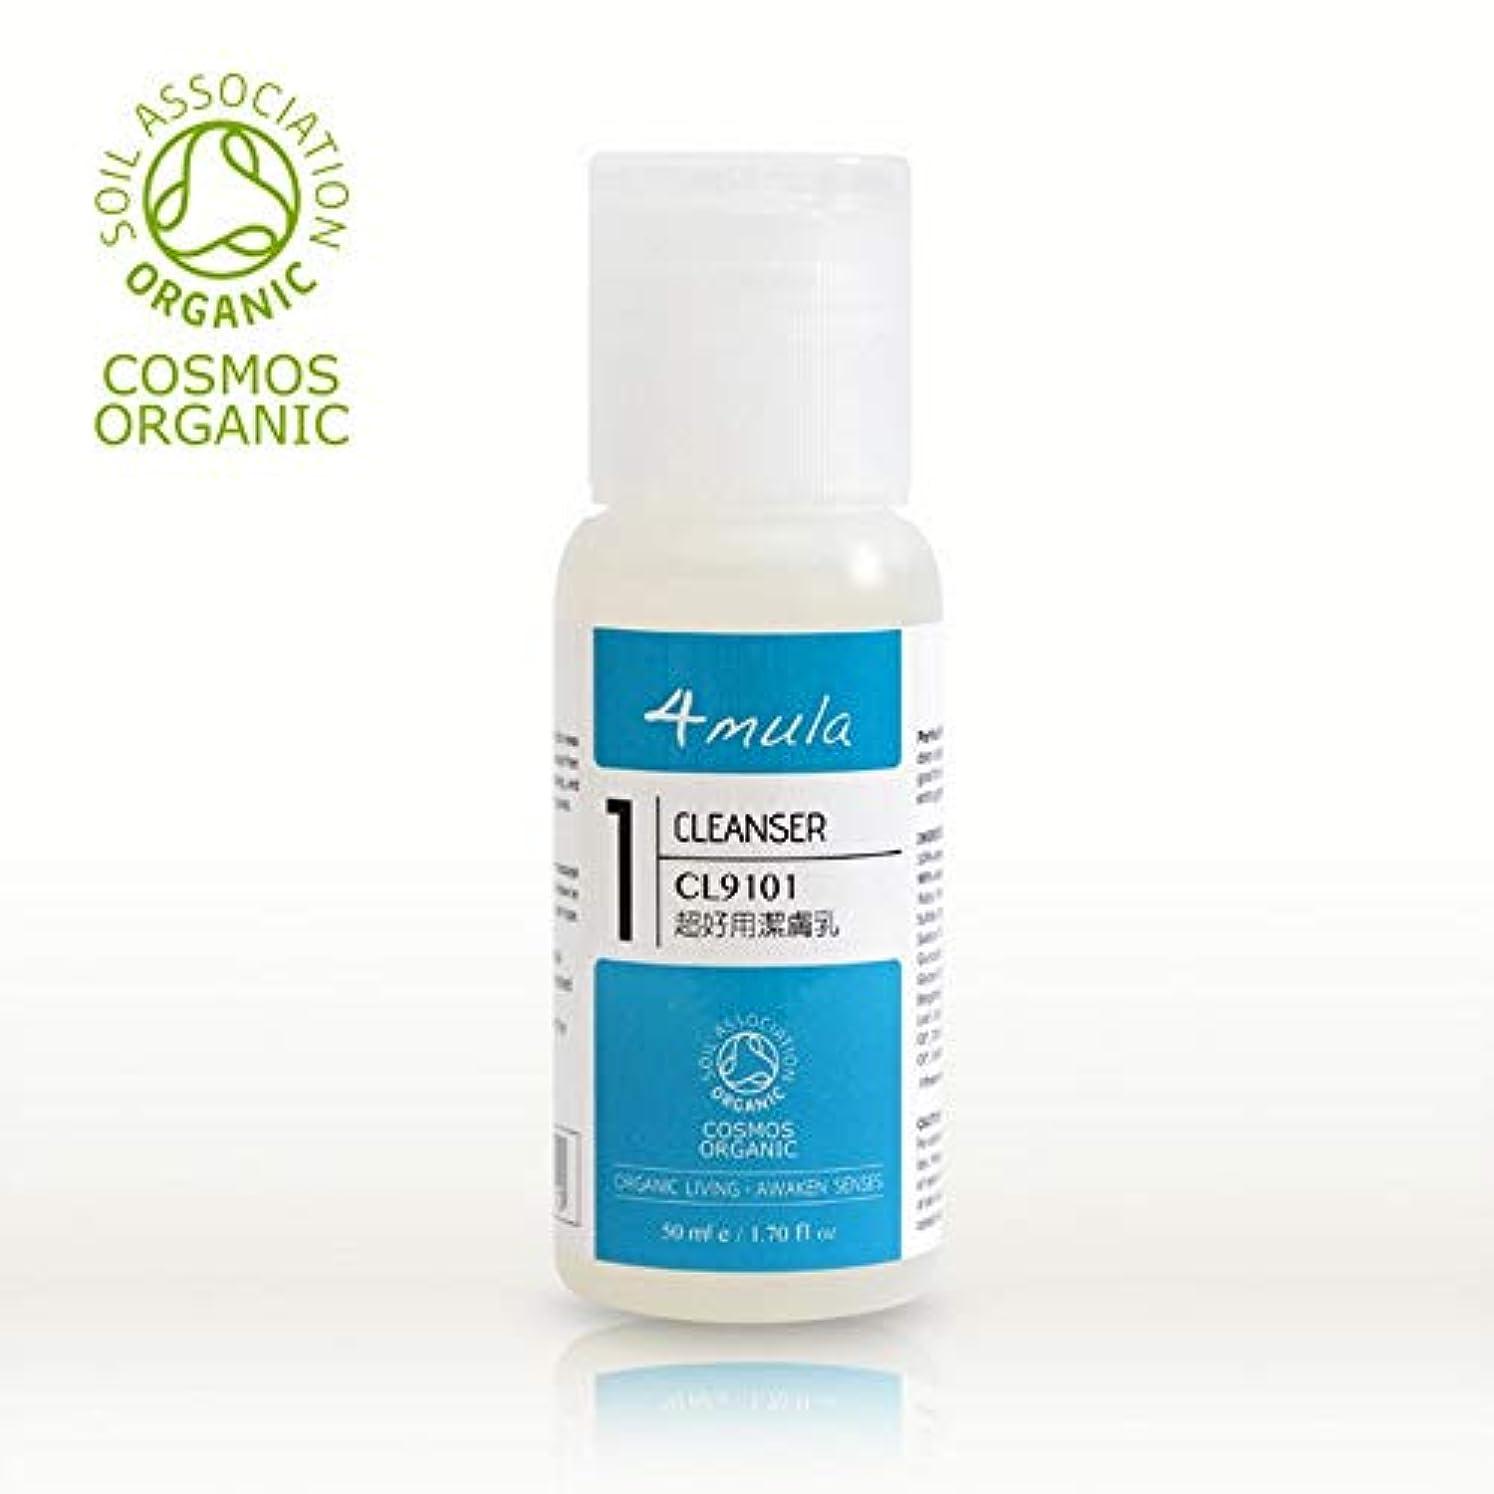 縁悪いクラッシュCL9101 超好用潔膚乳 PERFECT WASH CL9101 50ml/1.70 fl oz